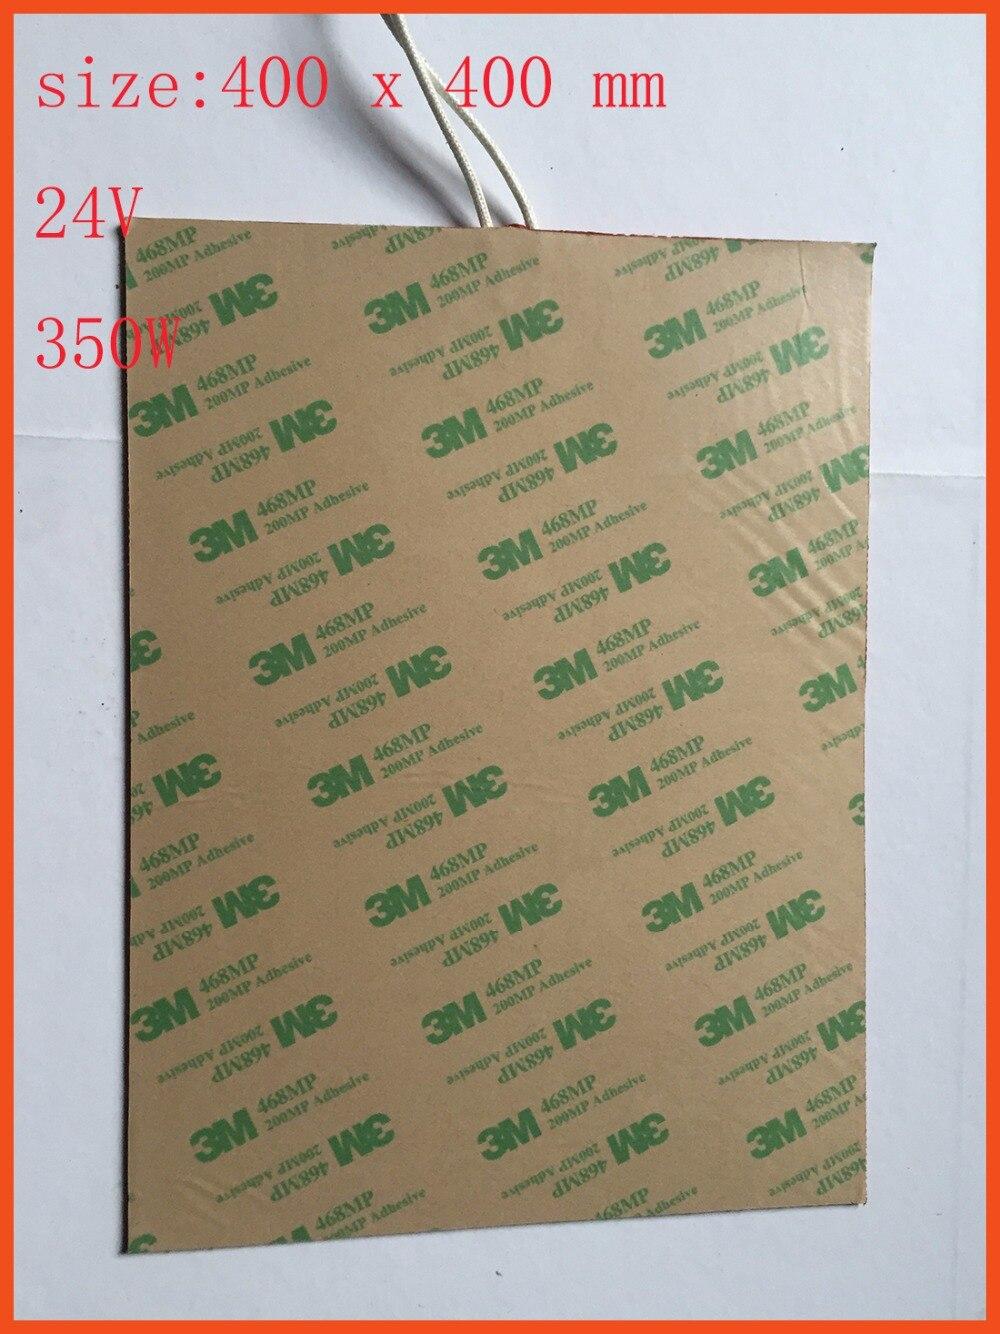 silicone riscaldatore letto 24 v 400 x 400 mm per kossel pro stampante 3d installare nastro silicone heating pad heated bed flim rotondo 240 mm 24 v 200 w silicone riscaldatore letto per kossel pro stampante 3d installare 3m nastro band heater electric heat